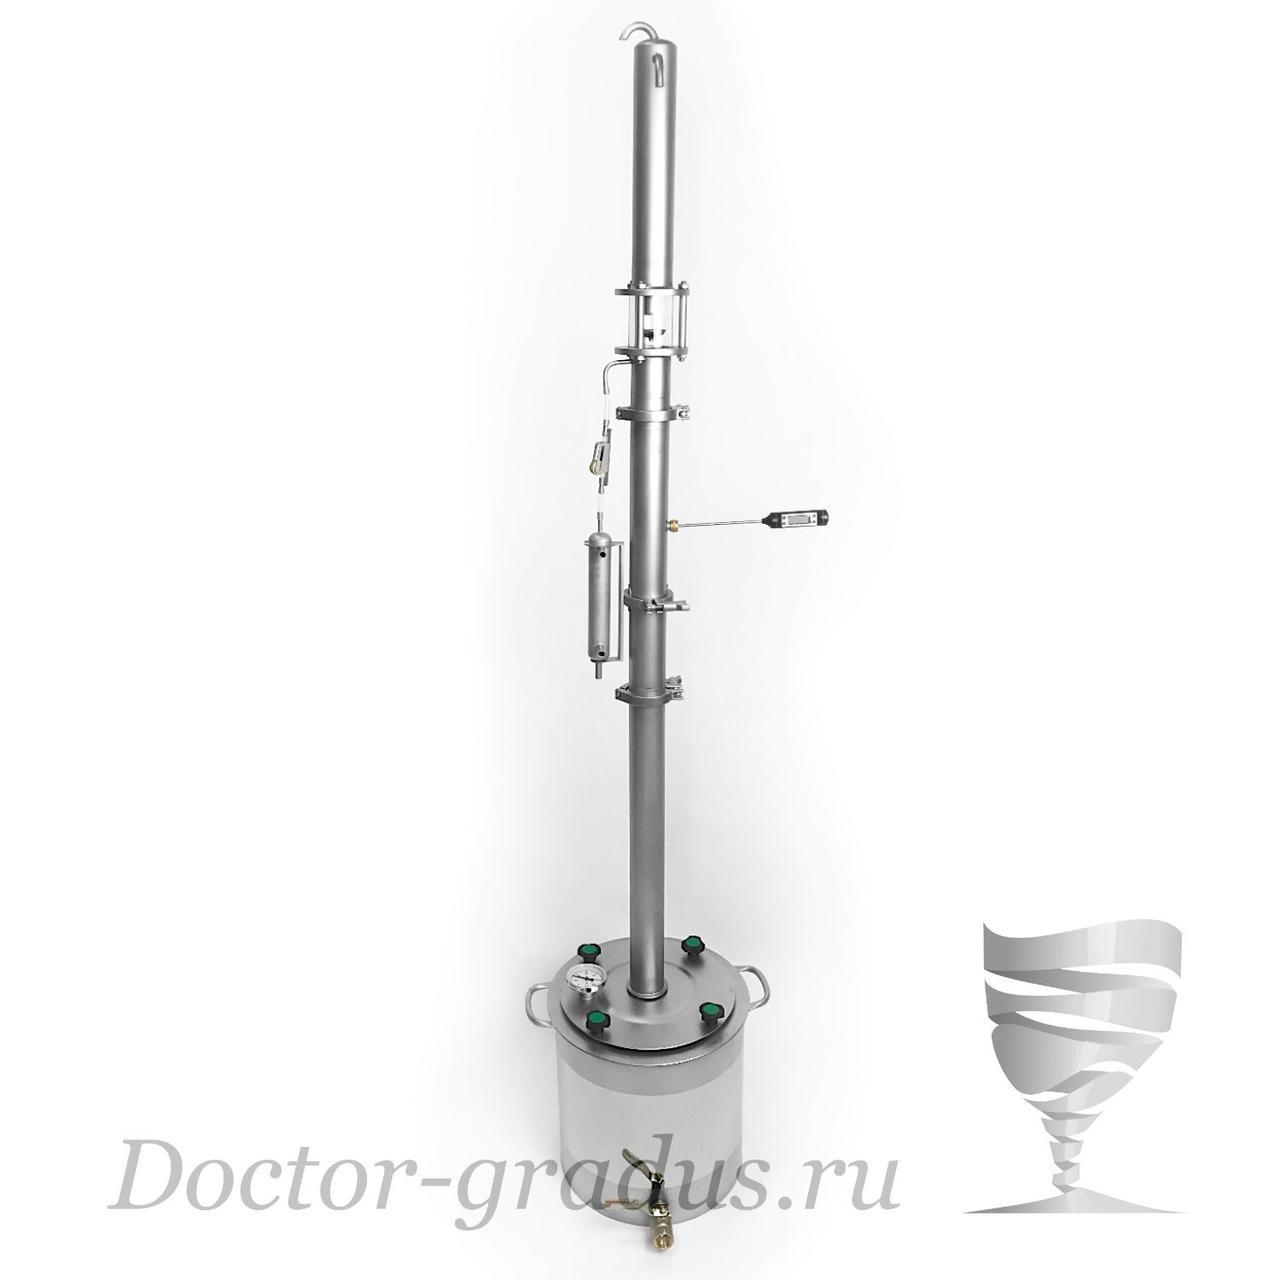 """Дистиллятор  Доктор Градус """"Стиллмен-Космо S""""  с кубом 17 литров"""